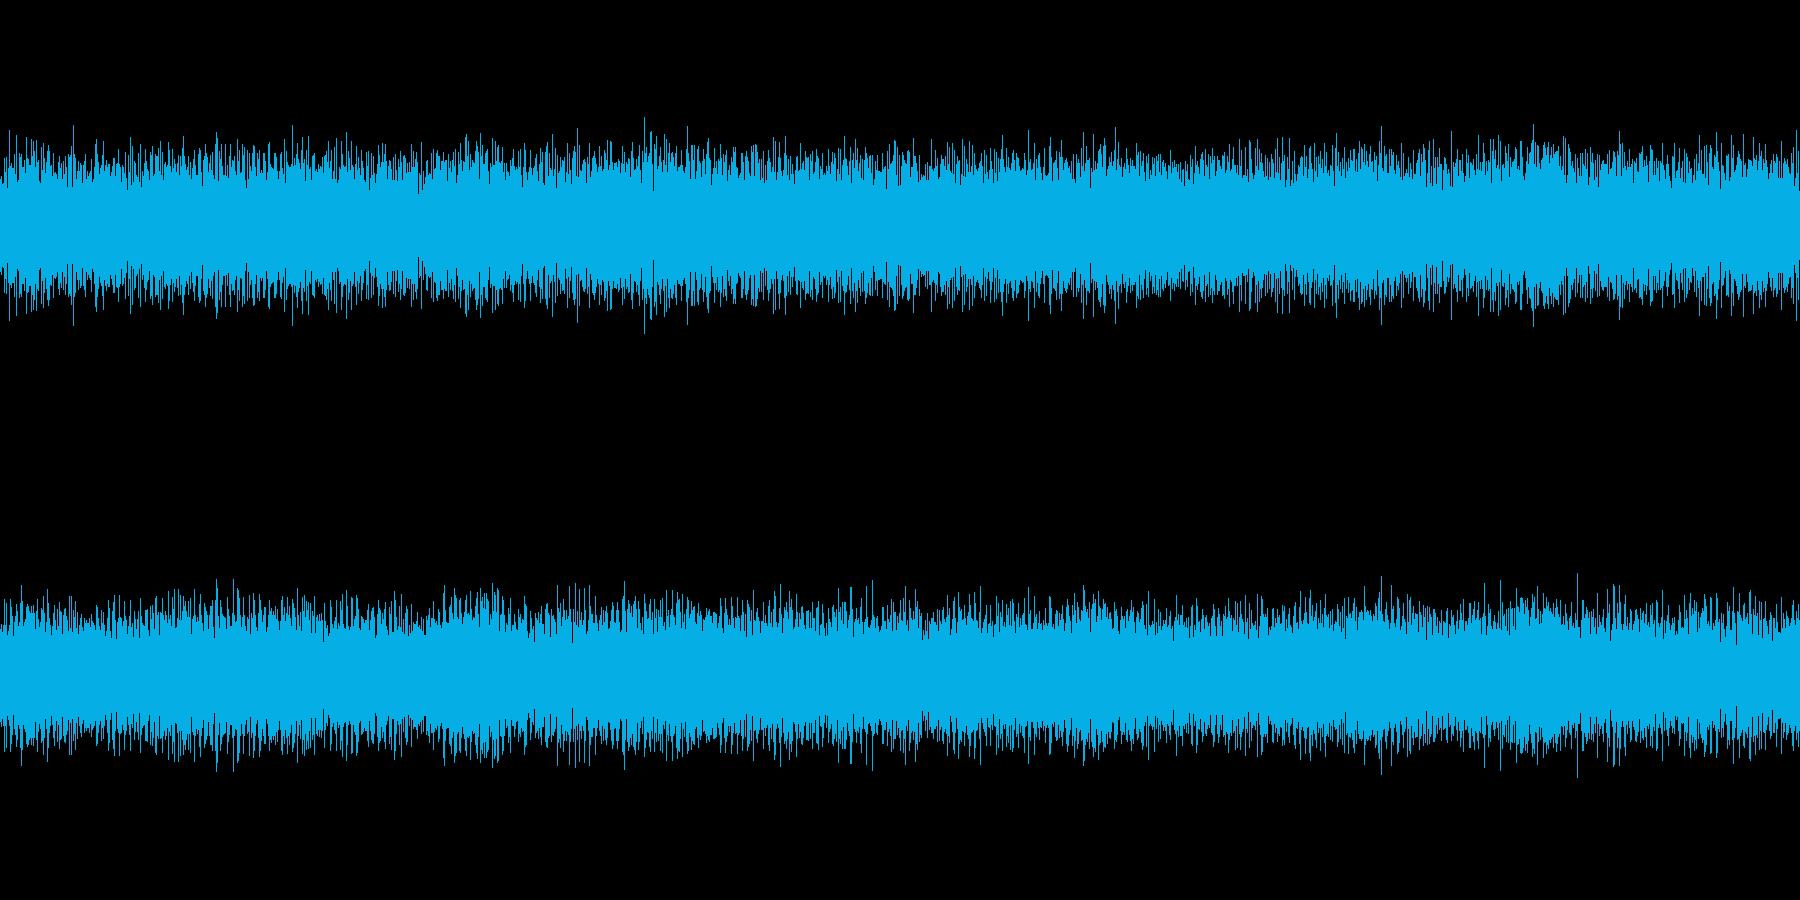 ノイズアンビエント系のホラー曲の再生済みの波形